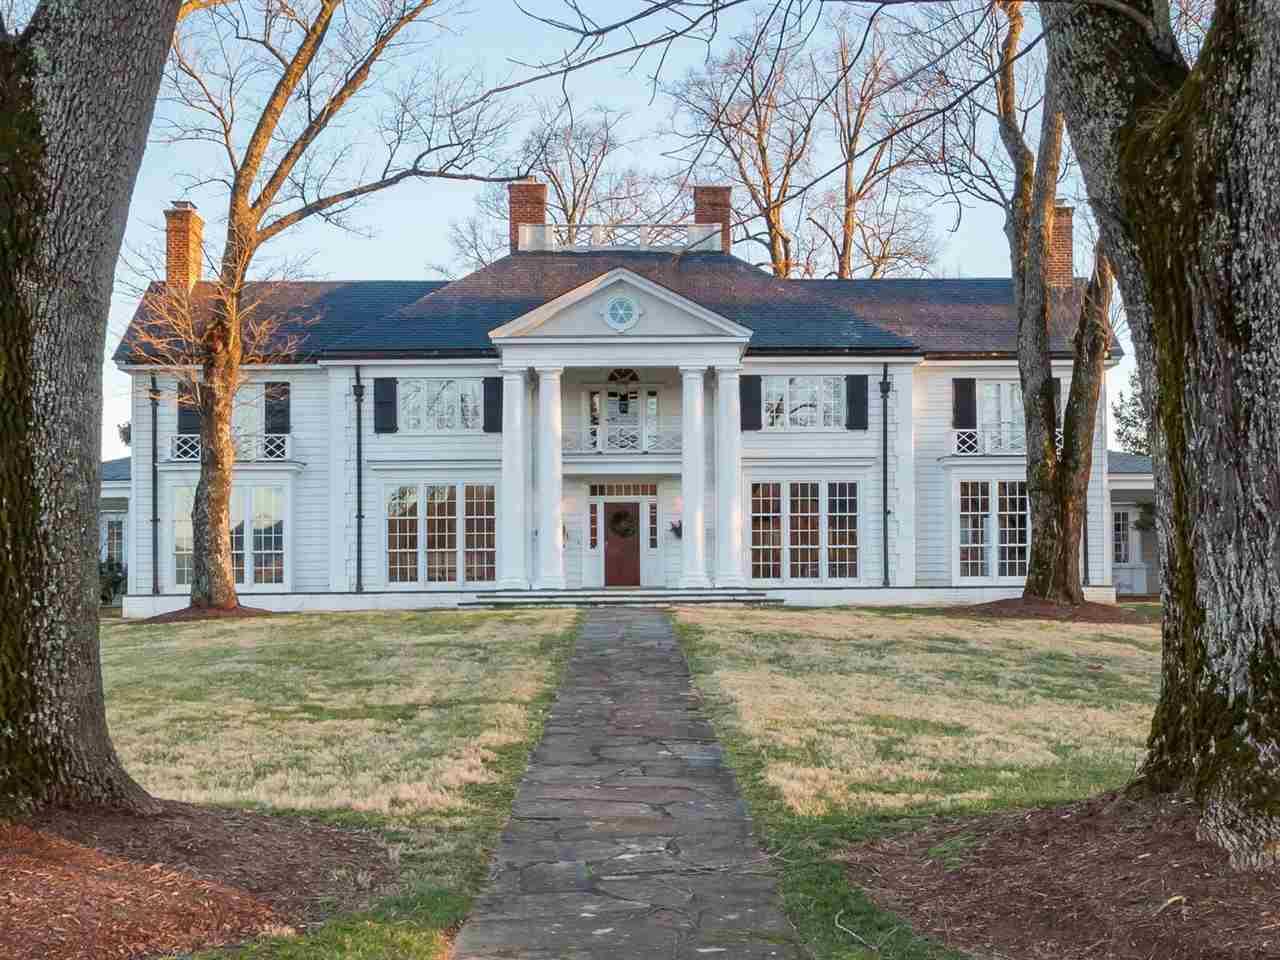 Louisa County Virginia Property Taxes